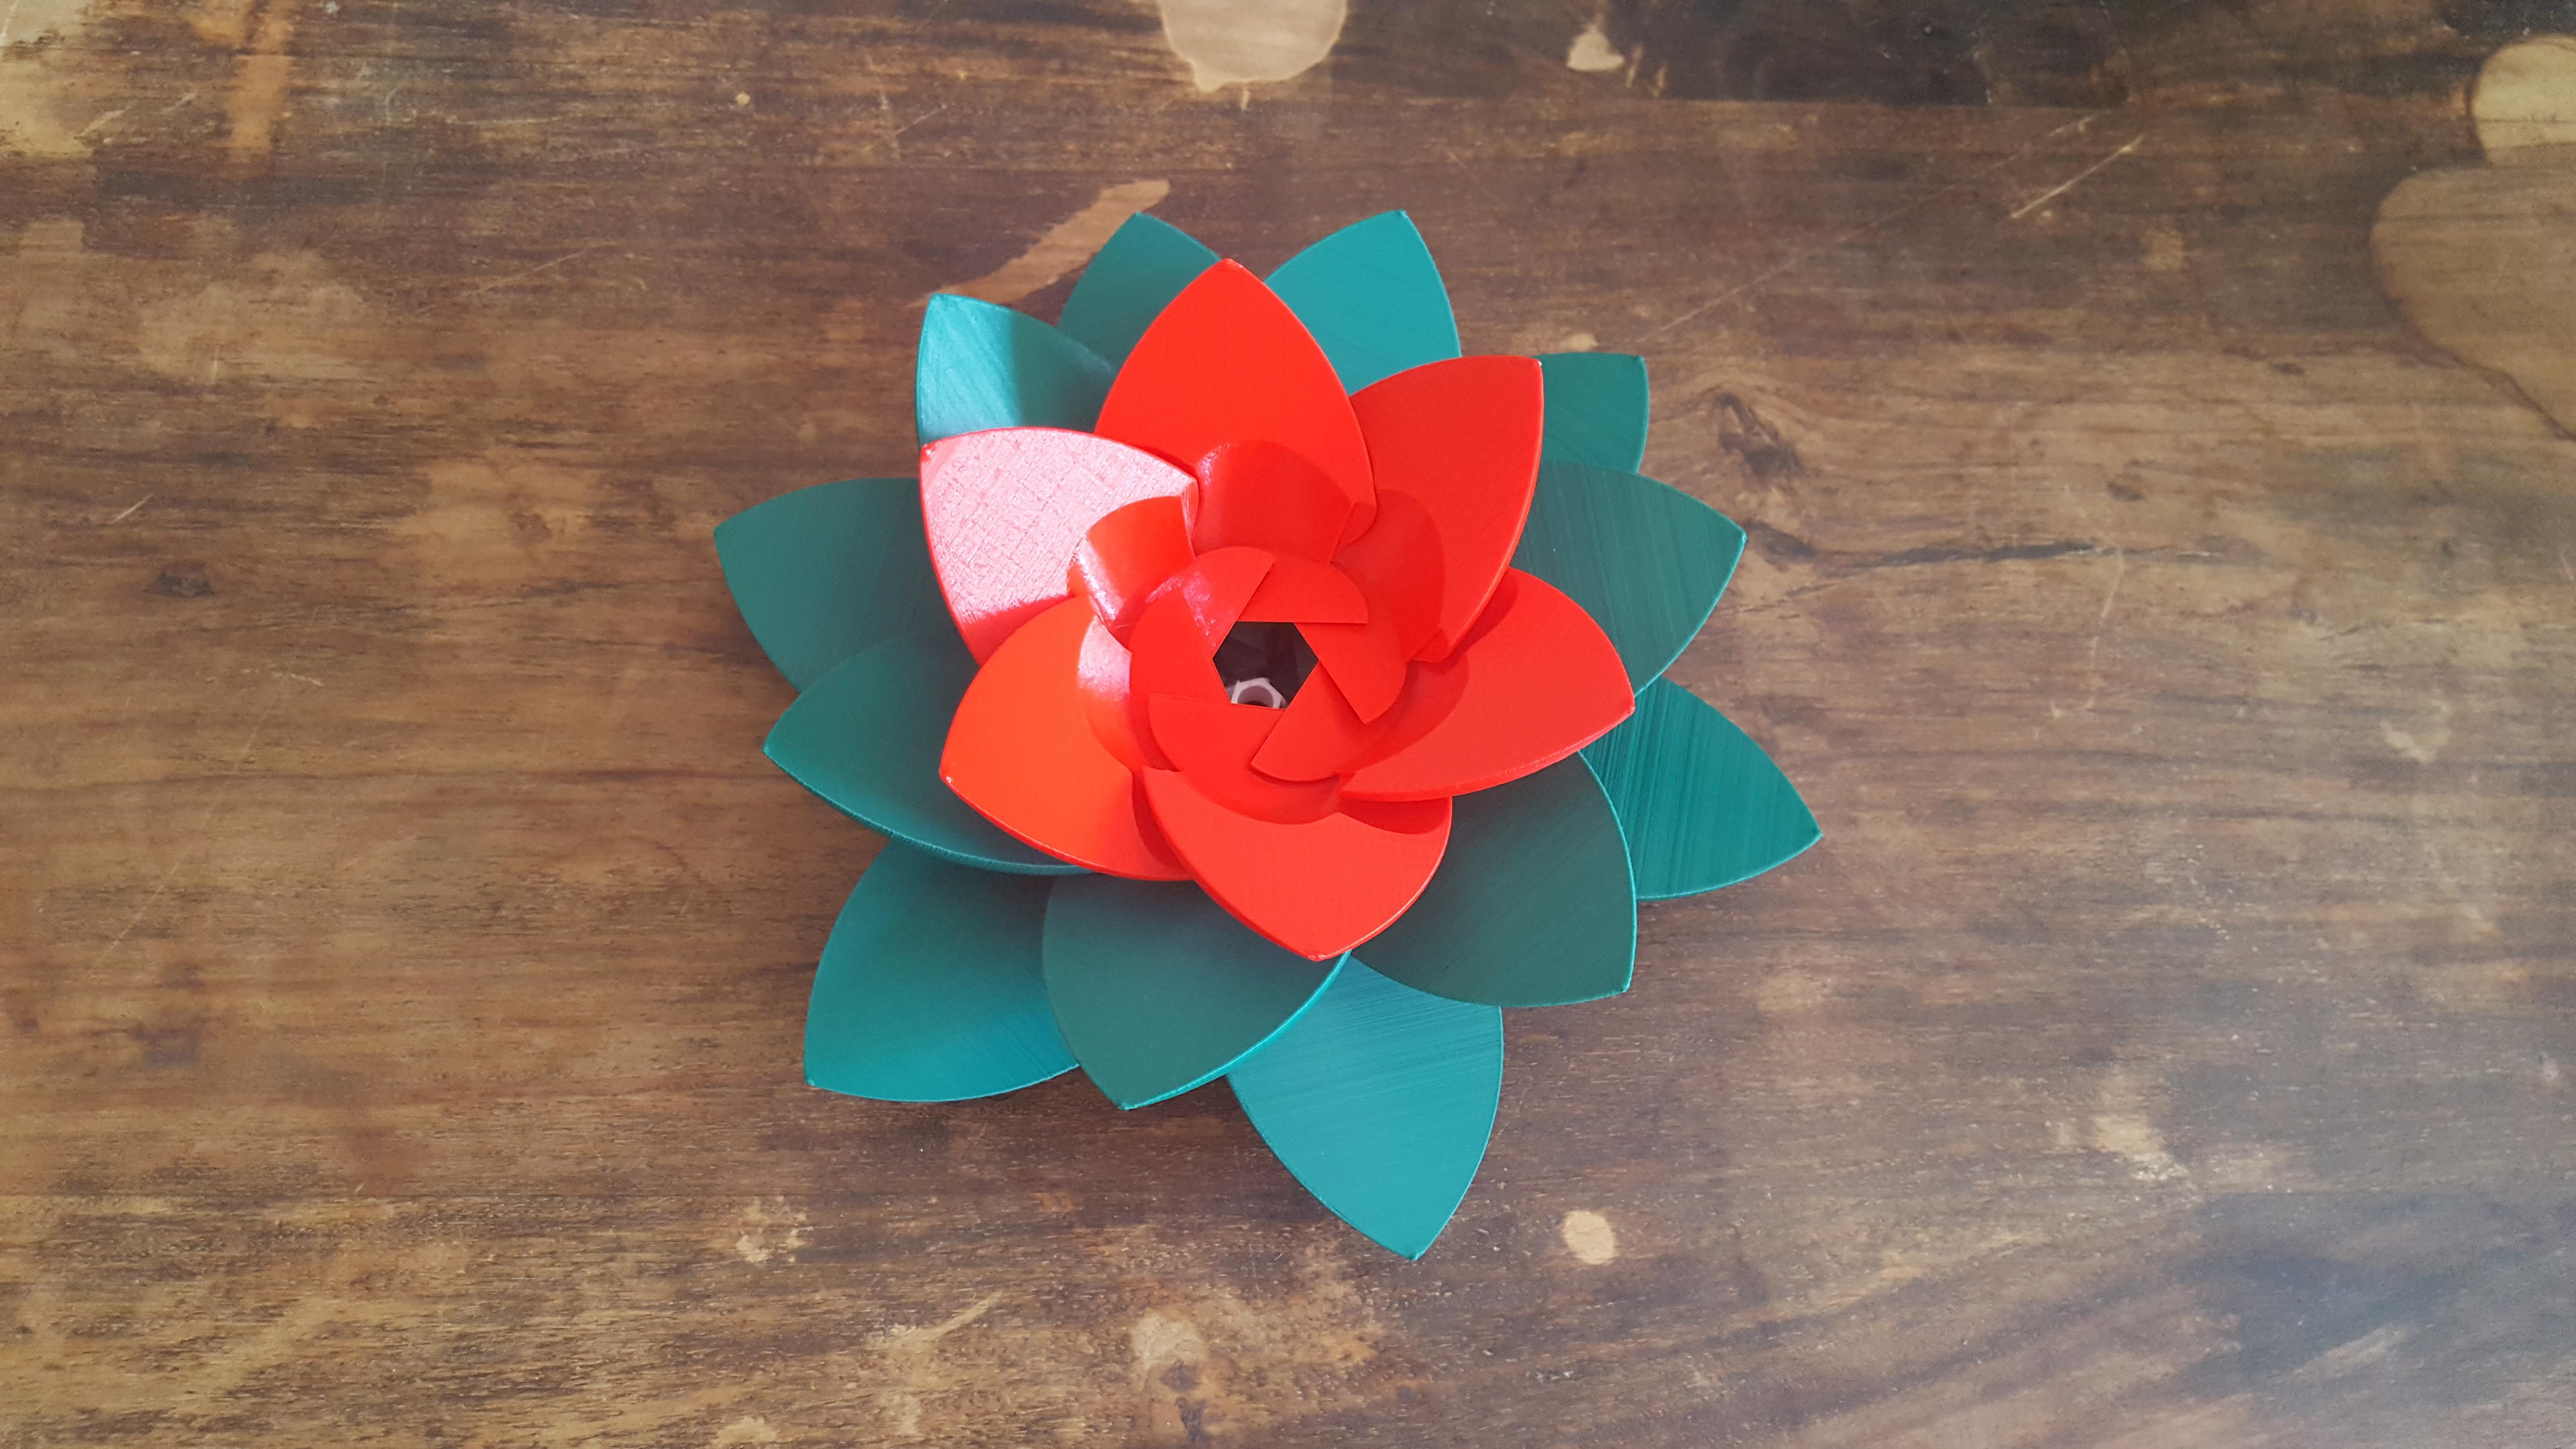 20190706_102906.jpg Download STL file Flower Puzzle • 3D print design, Job